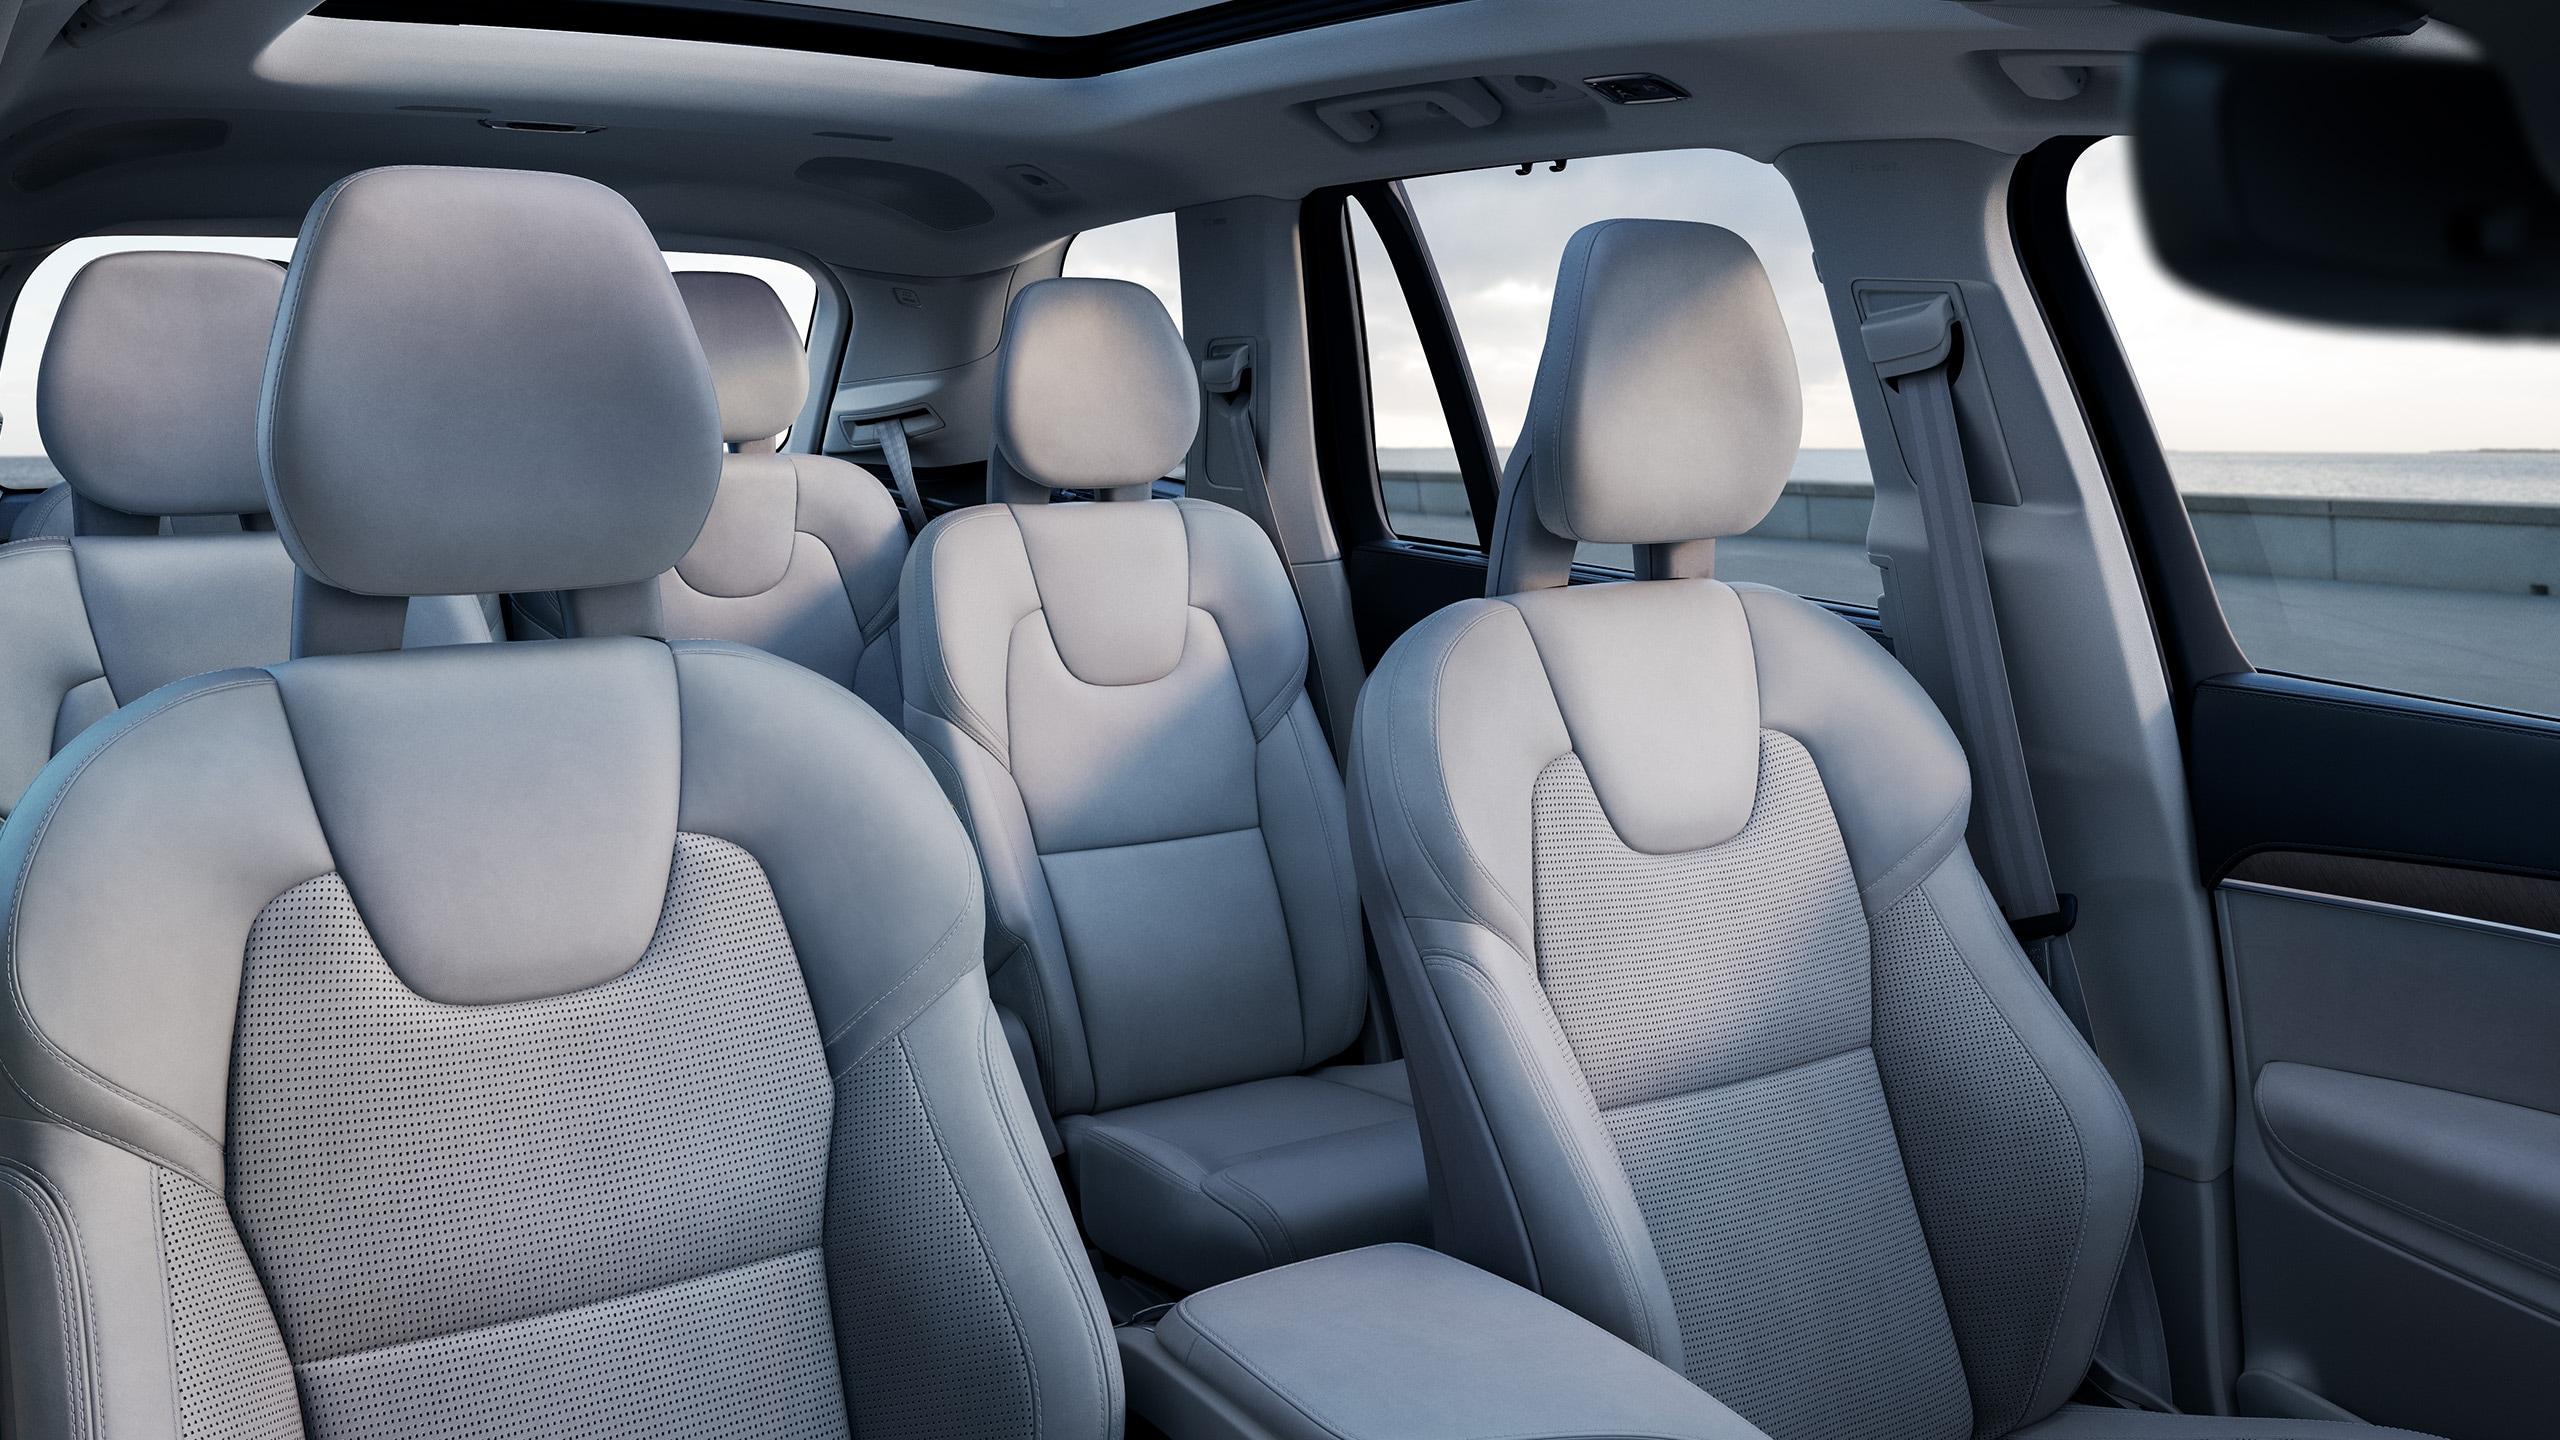 Intérieur d'une Volvo XC90 à 3rangées avec sièges de couleur Blond.